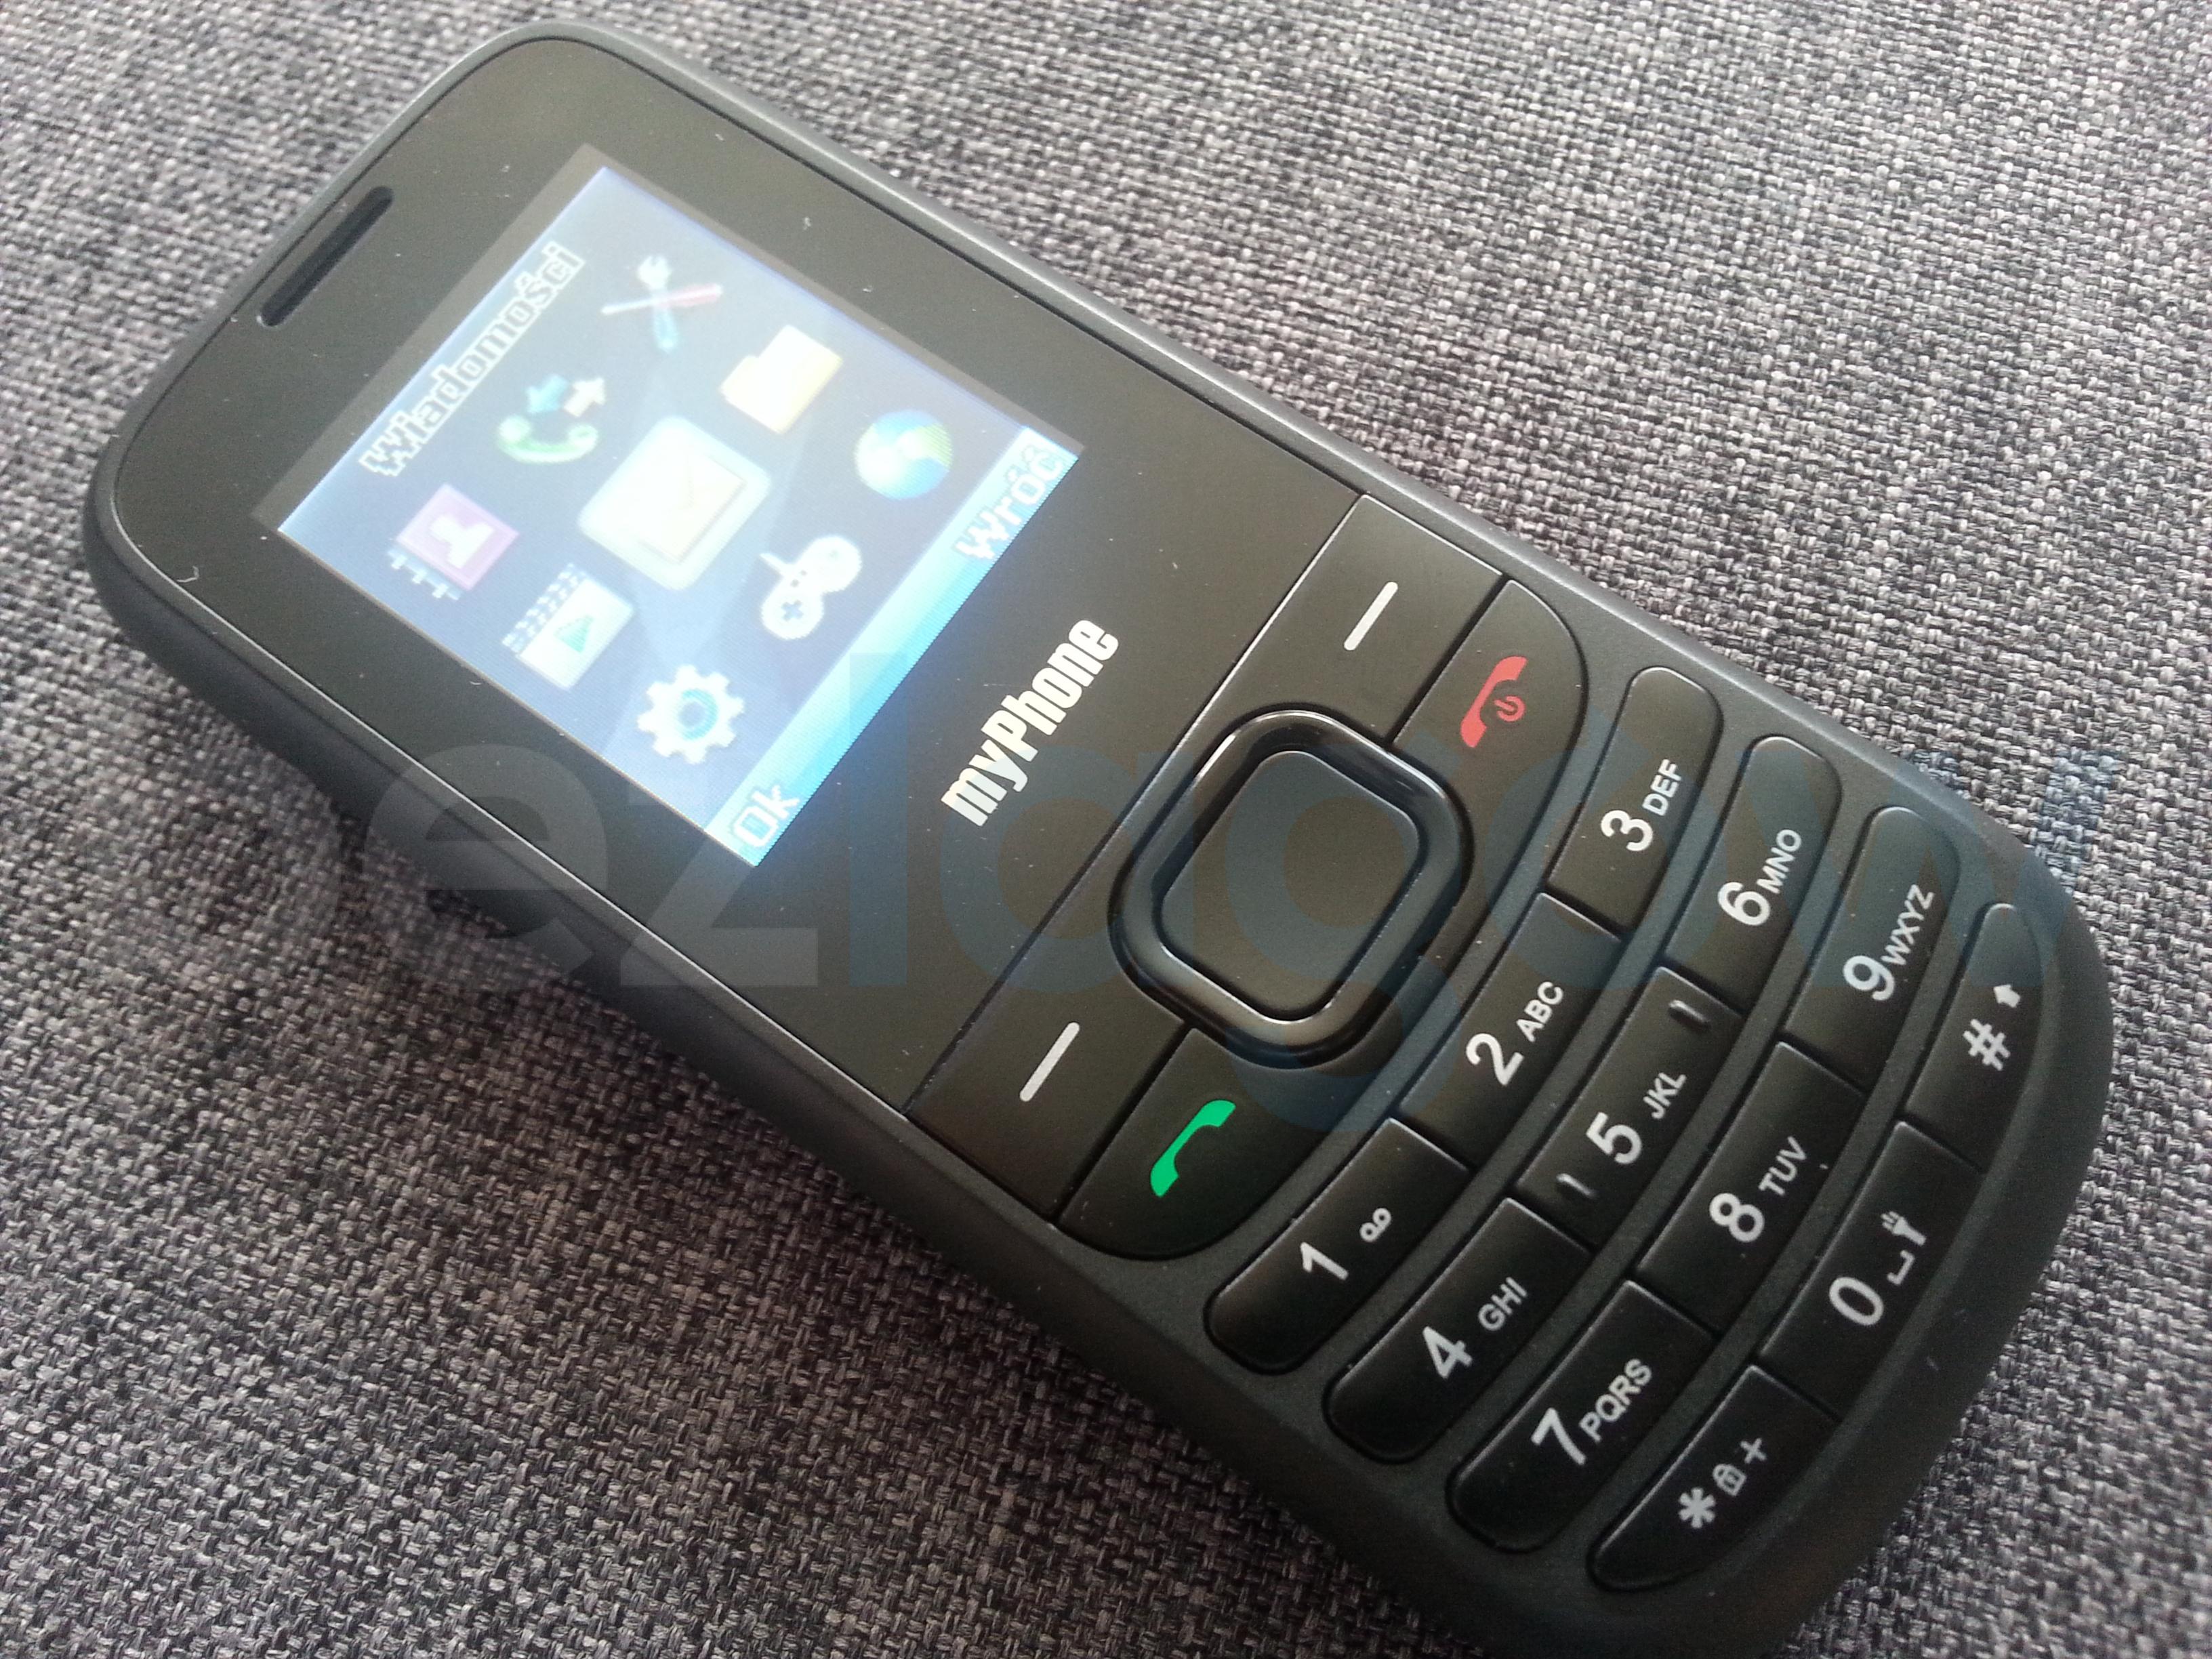 Recenzja telefonu myPhone 3200